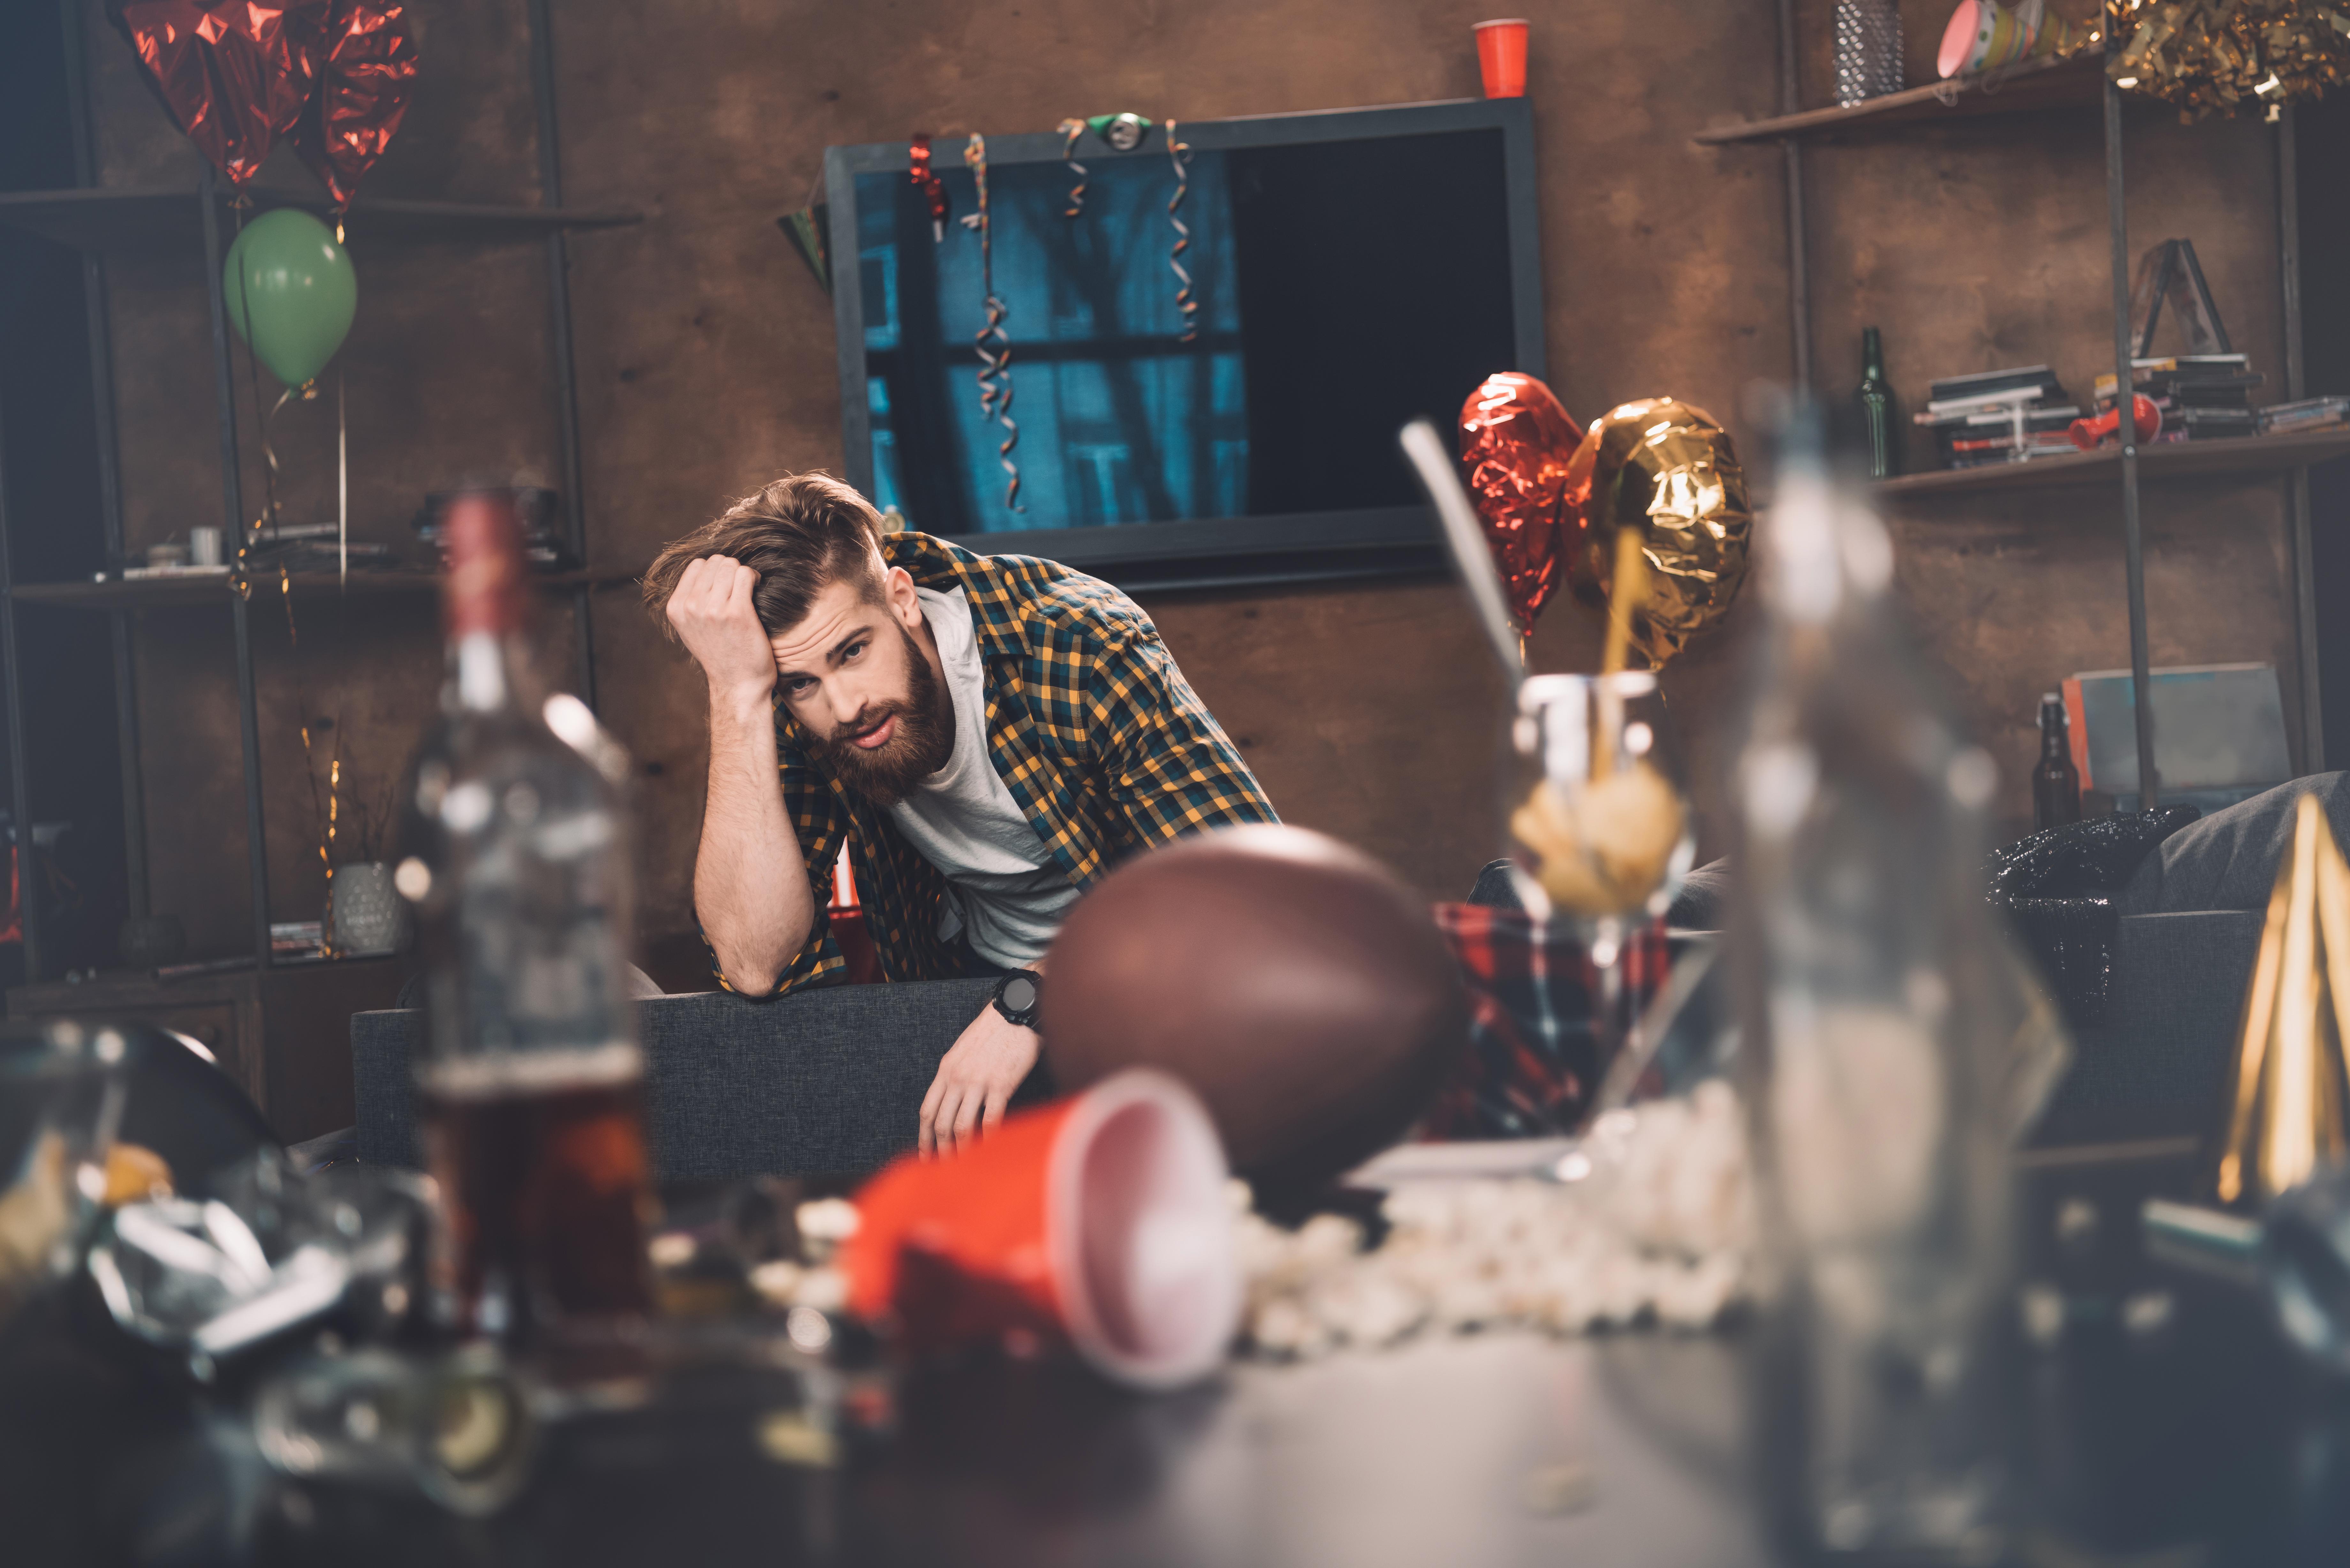 Vigicarotte : les risques du binge drinking